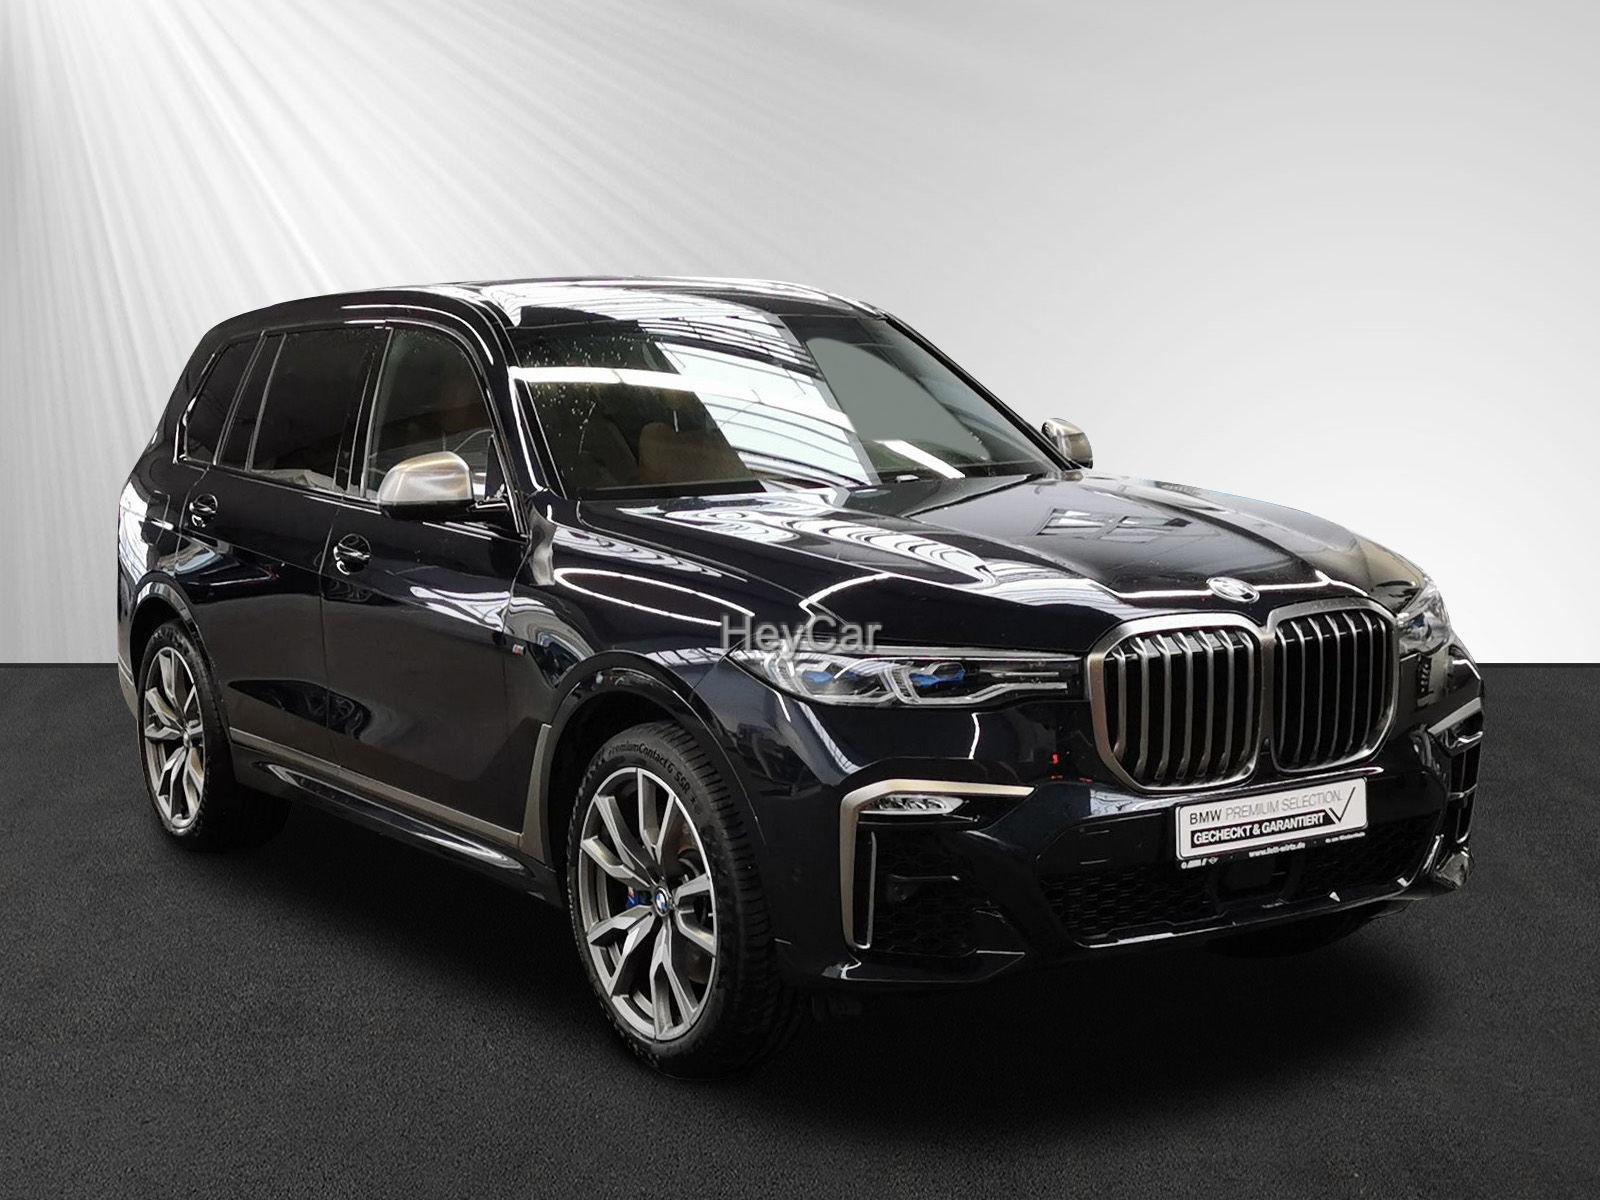 BMW X7 M50d 7-Sitzer 22'' Leas. ab 1.149,- br. o. Anz, Jahr 2019, Diesel